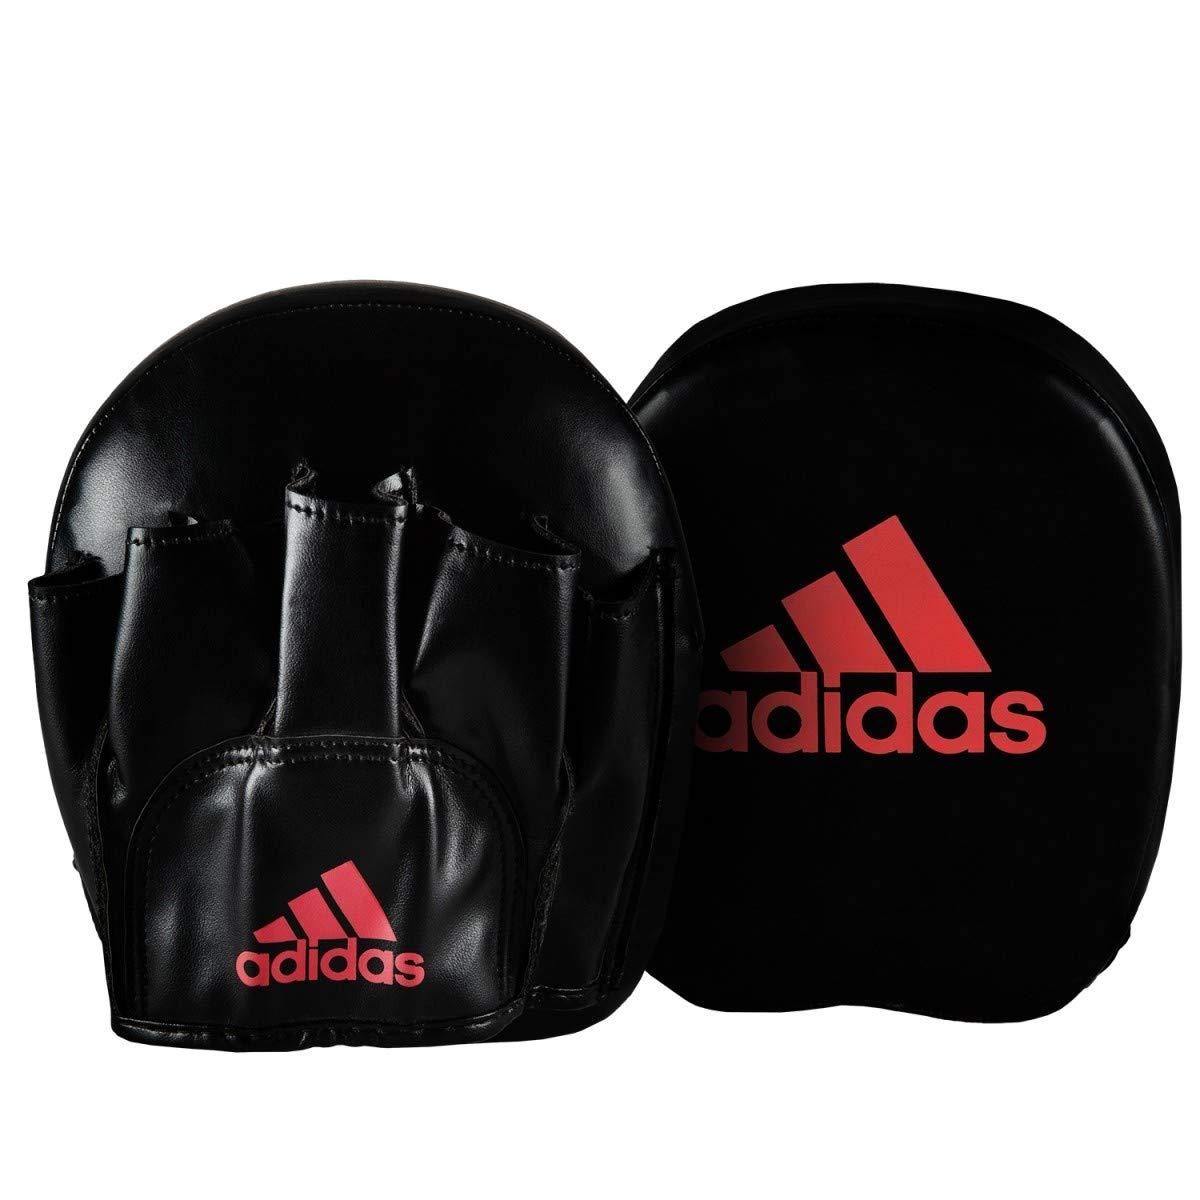 最安値級価格 adidas Red FLX FLX 3.0 スピードマイクロミット Black/Solar Red adidas B07J21MXHM, ロータスパーツセンター:9c1915c0 --- sabinosports.com